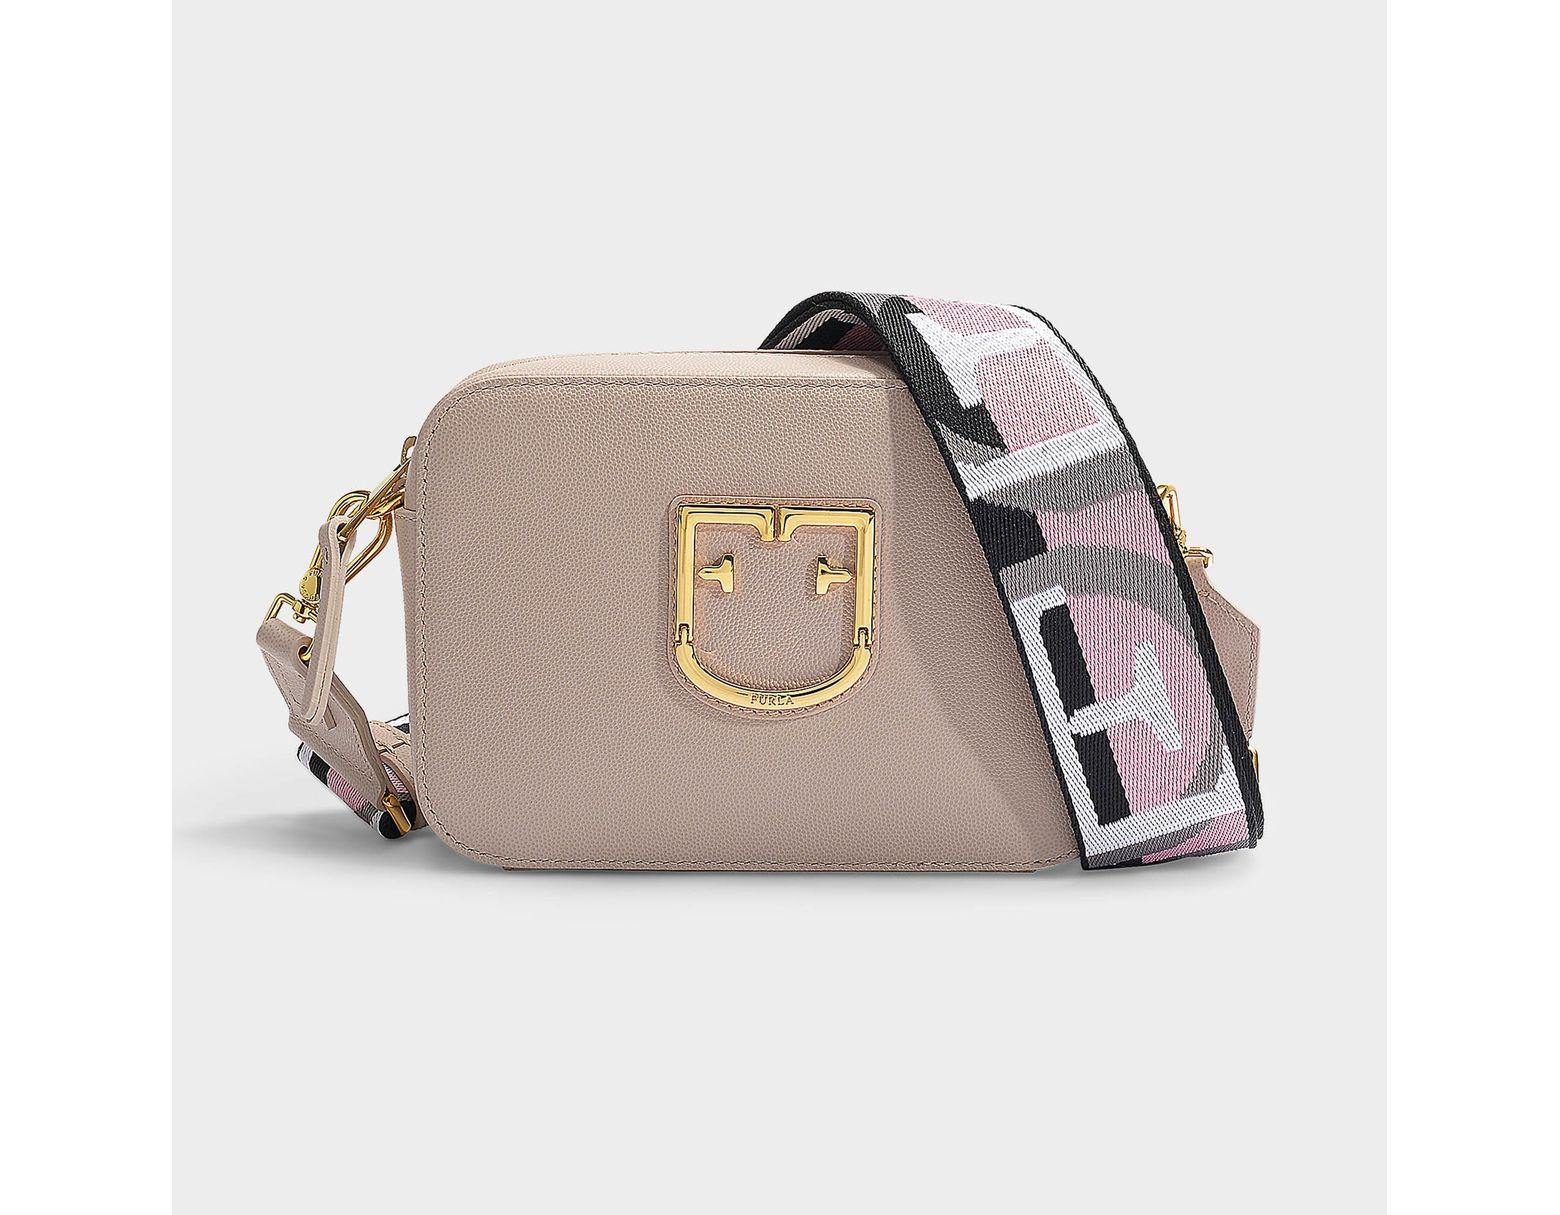 f91c54a88729c Furla Mini Tasche Crossbody Brava aus beigem Kalbsleder in Natur - Sparen  Sie 30% - Lyst